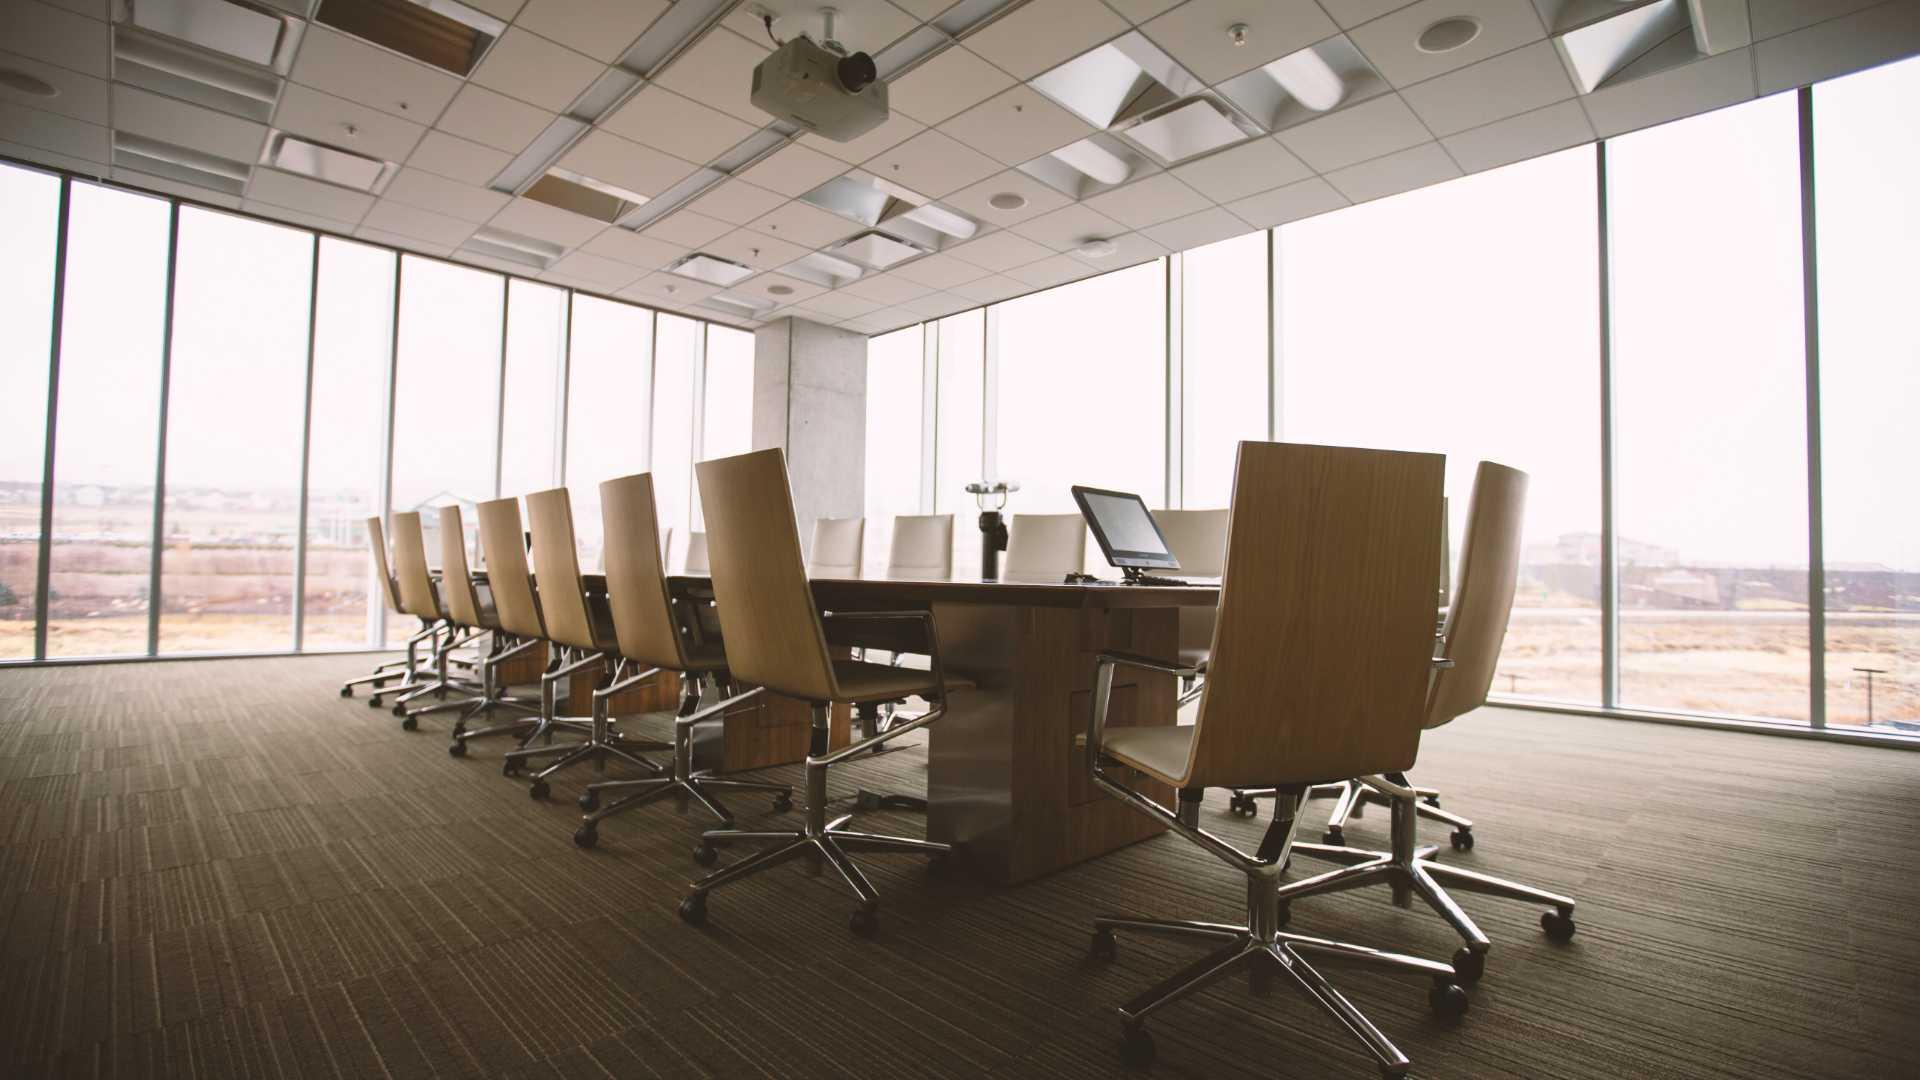 Une grande salle de réunion avec de grandes baies vitrées